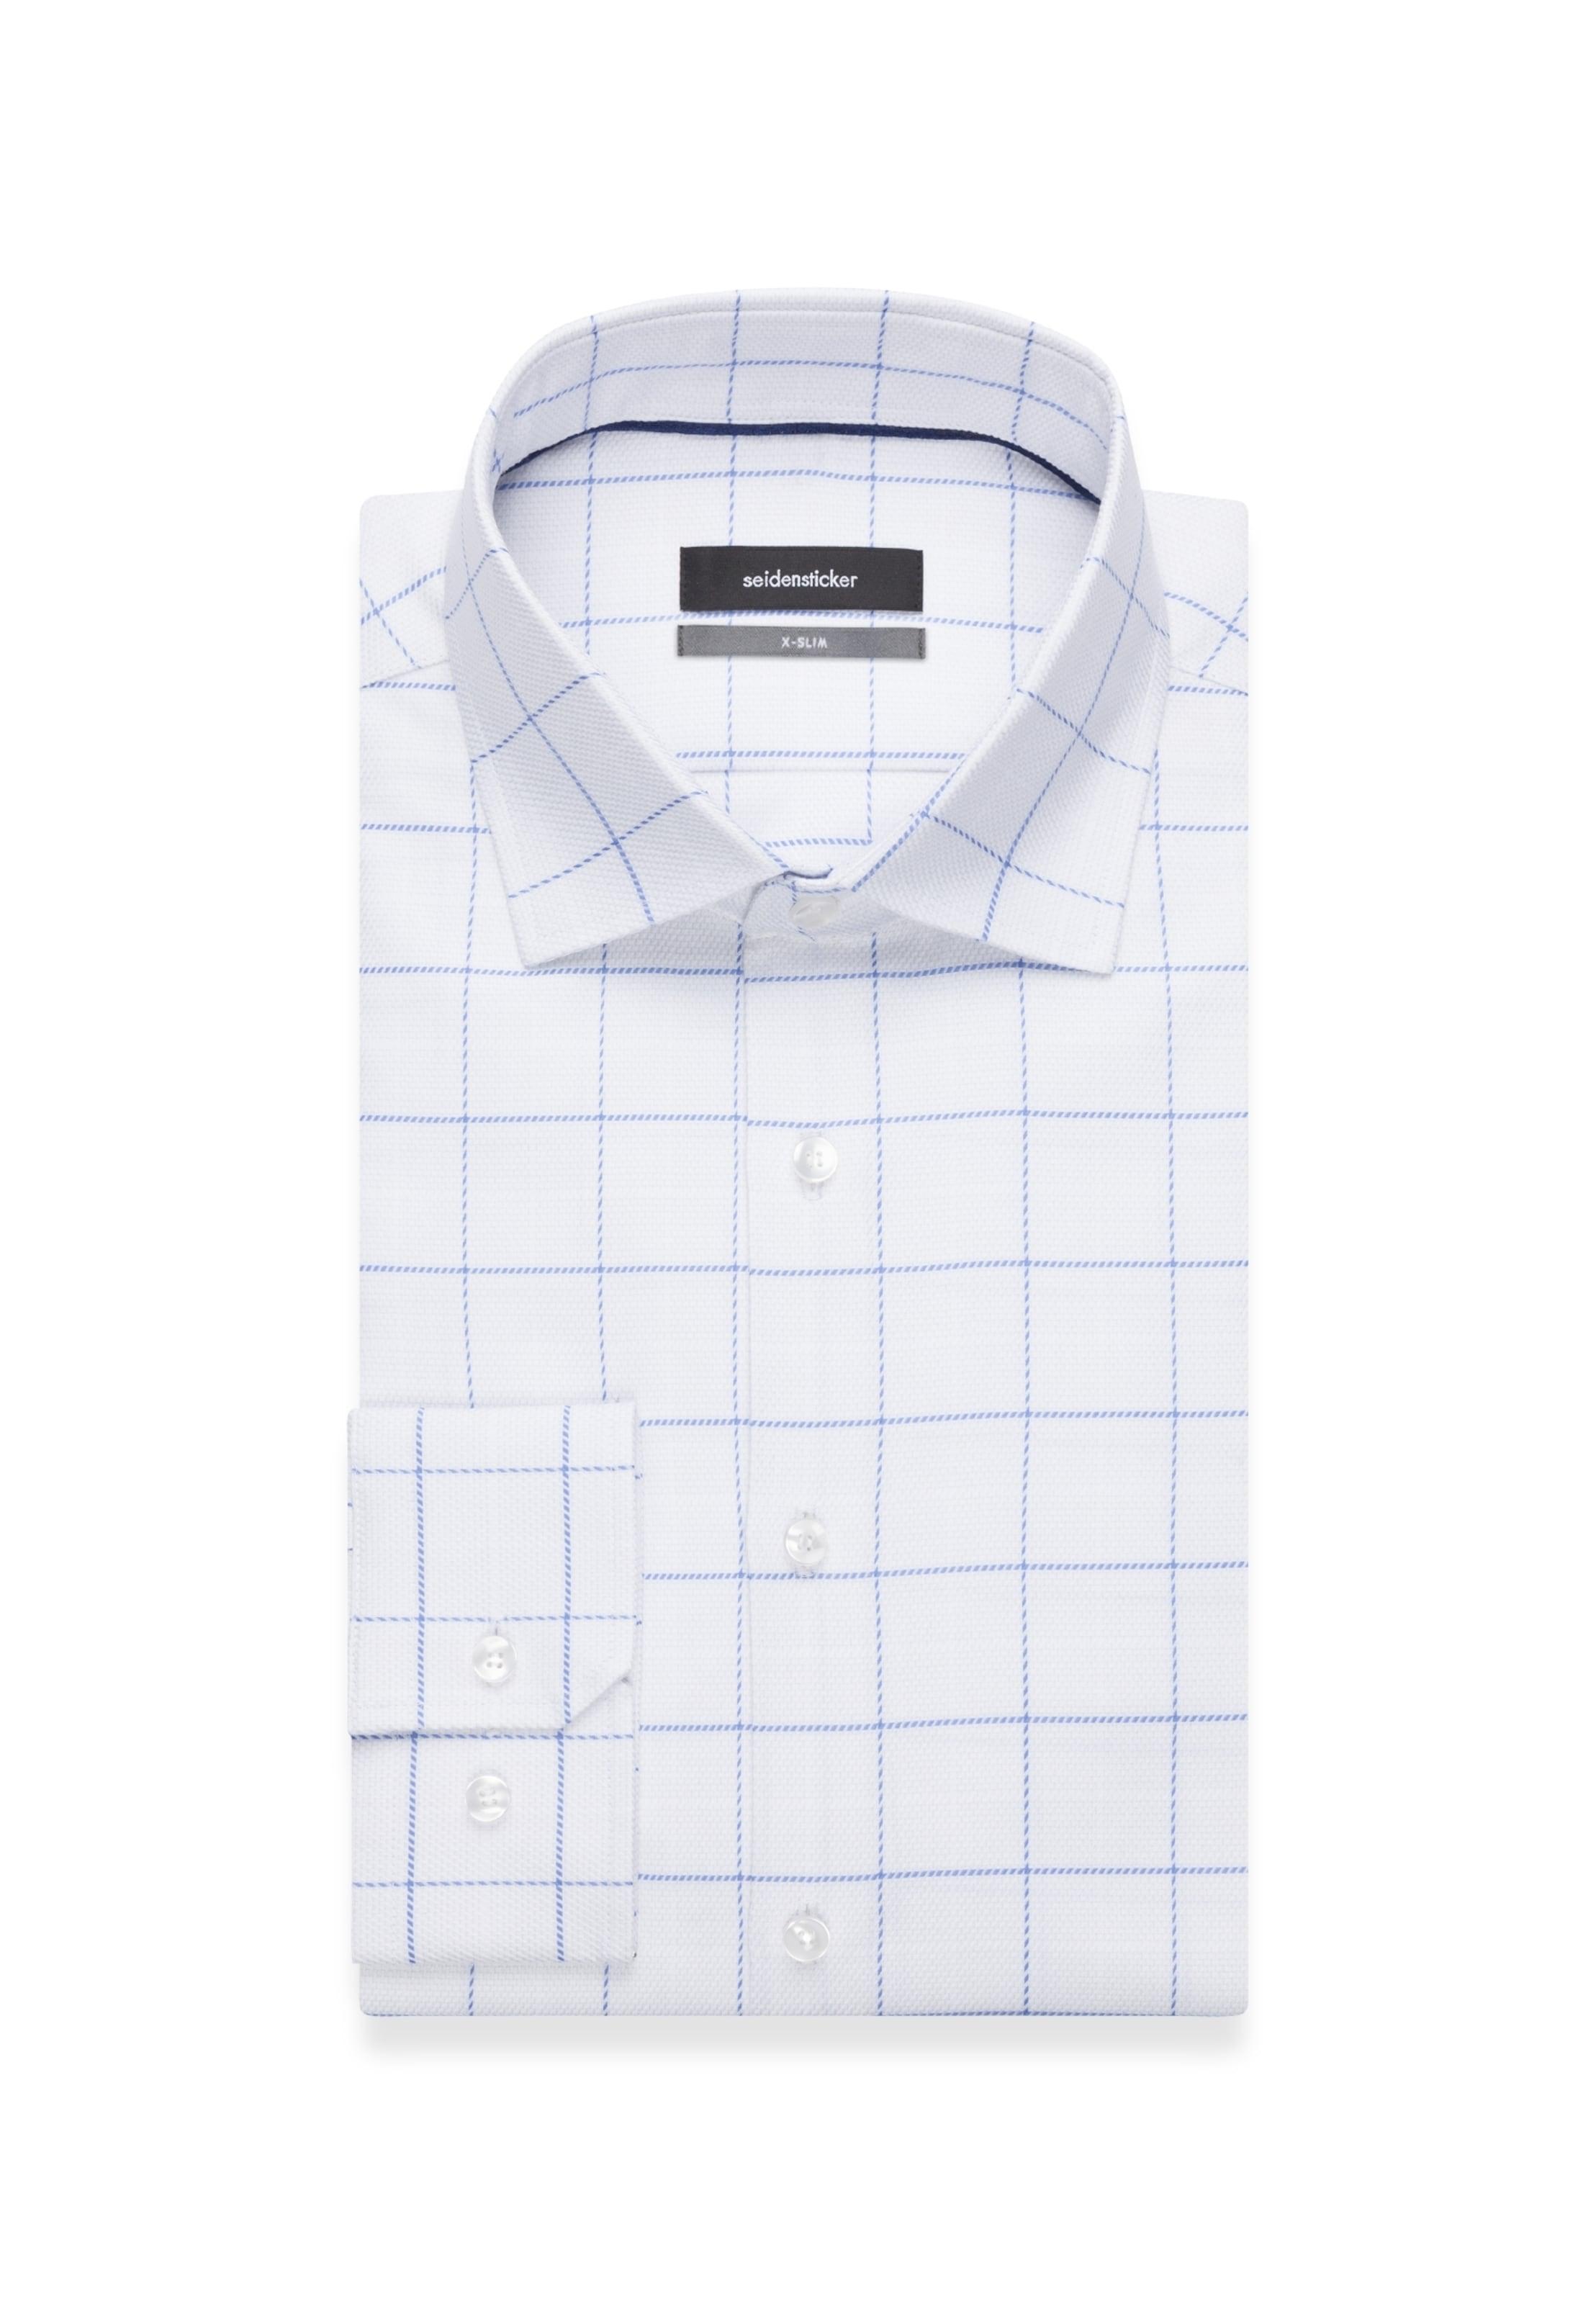 RauchblauWeiß Hemd In Hemd Seidensticker Seidensticker zMSpVqGU